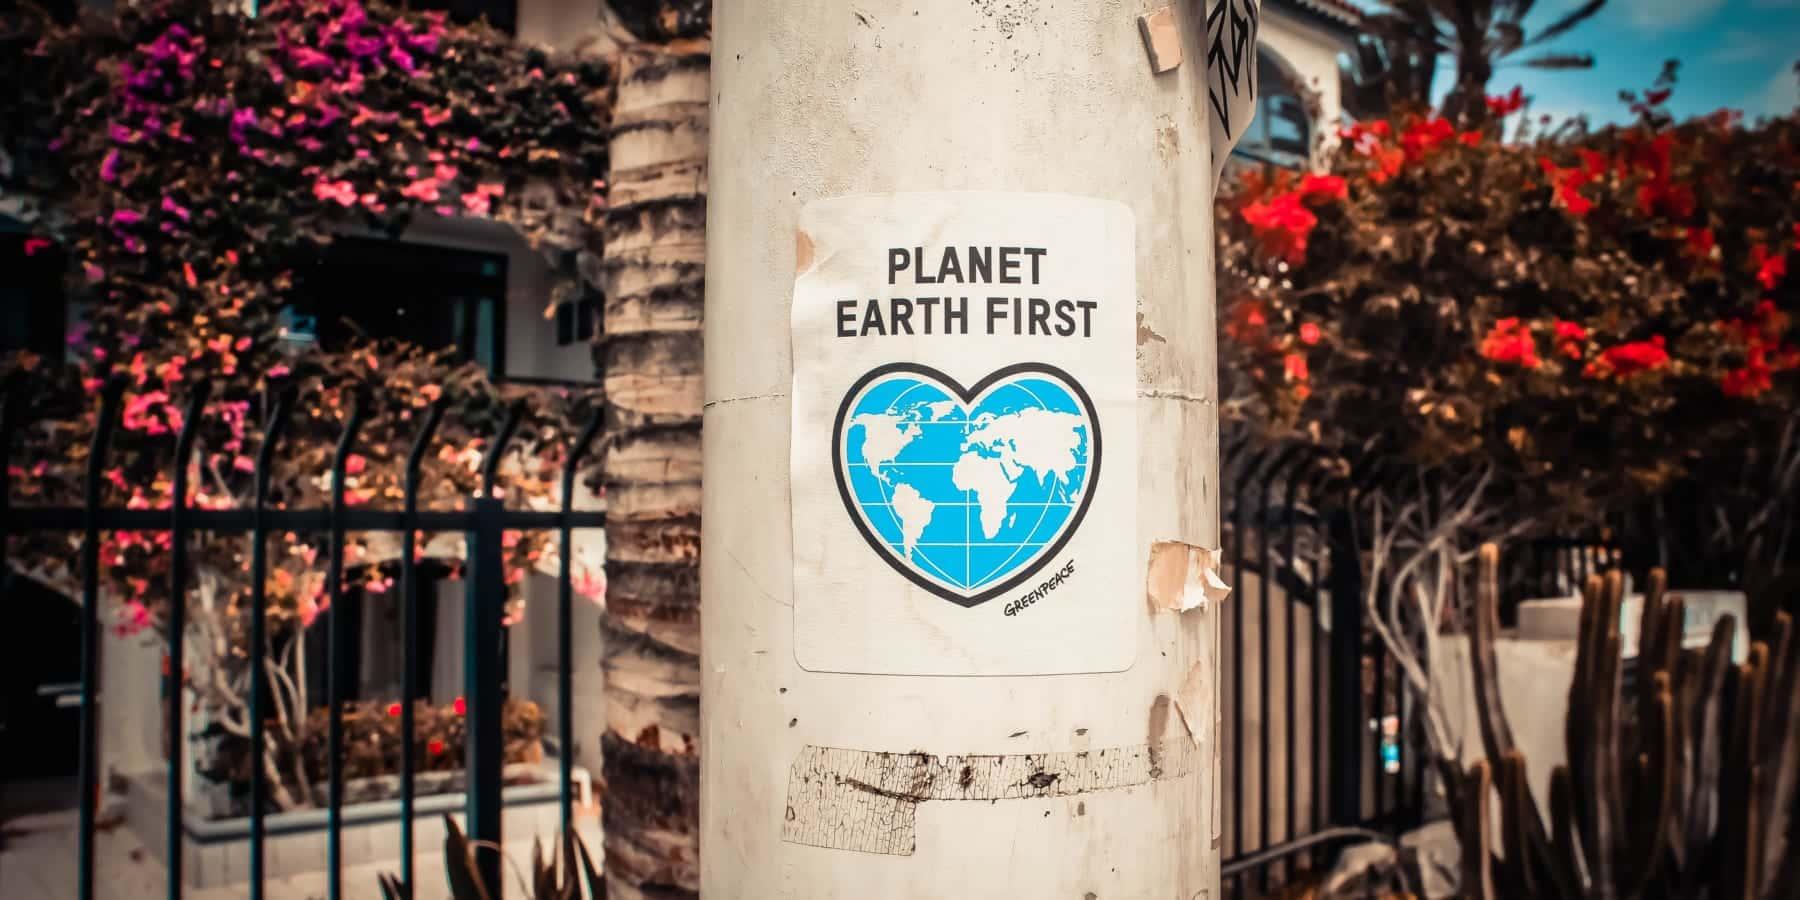 ヒルトンが発表した、「エコロジカル・フットプリント50%削減」の目標